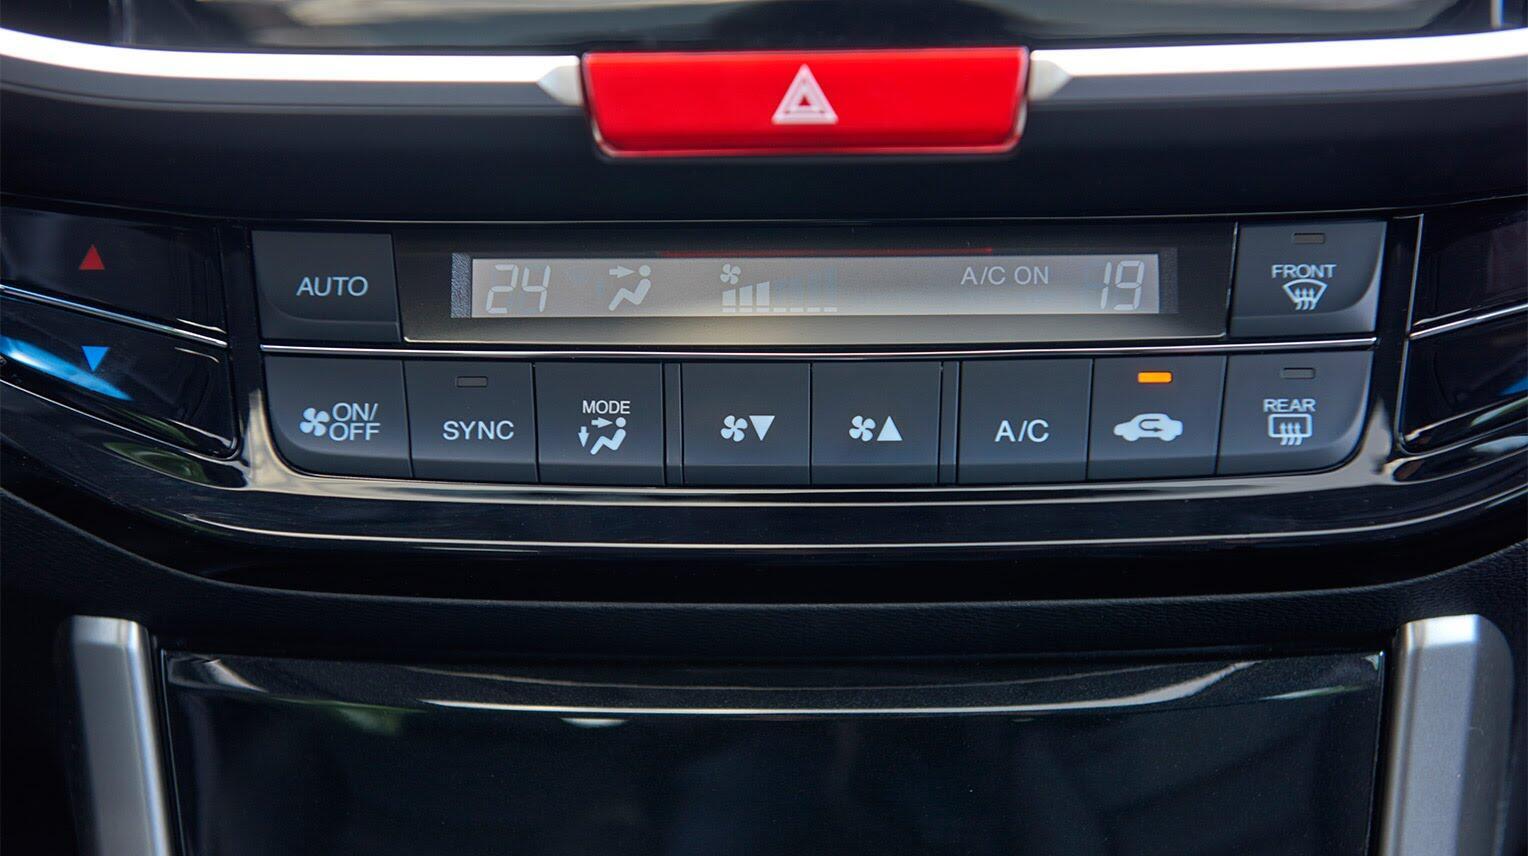 Đánh giá Honda Accord 2016: Ưa nhìn hơn, trang bị tốt hơn và lái phấn khích hơn - Hình 14